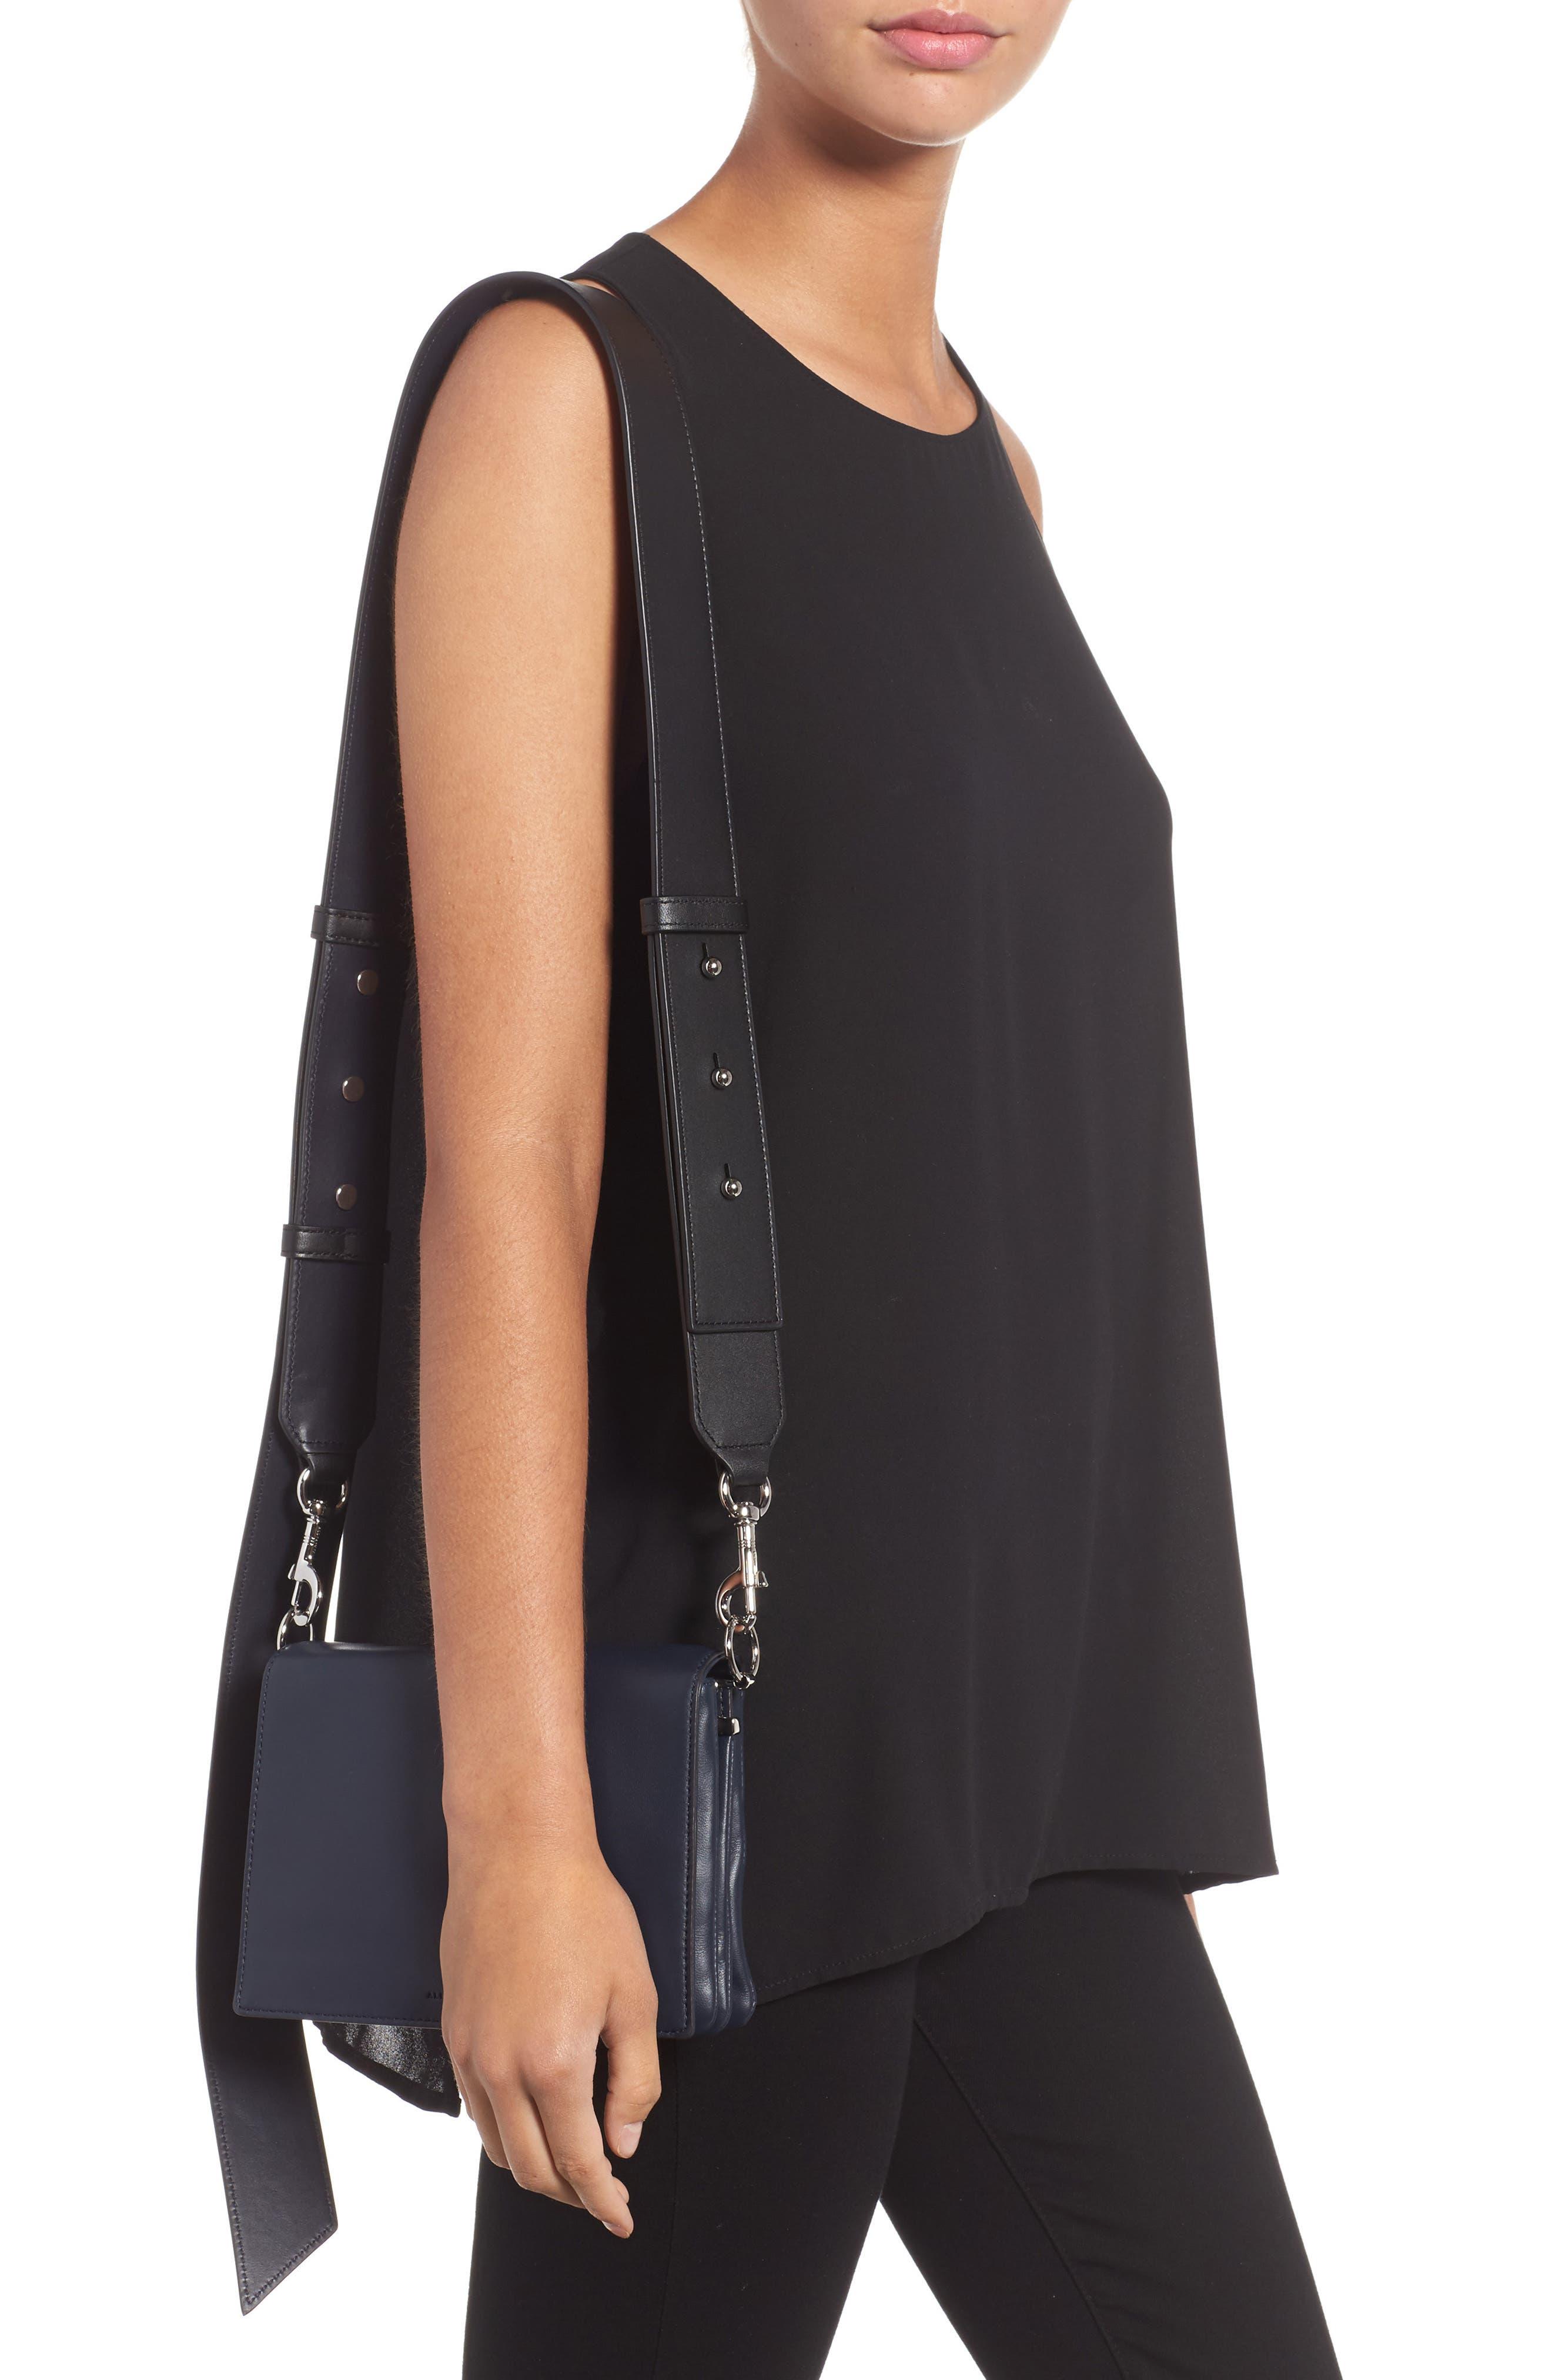 Zep Lambskin Leather Shoulder Bag,                             Alternate thumbnail 3, color,